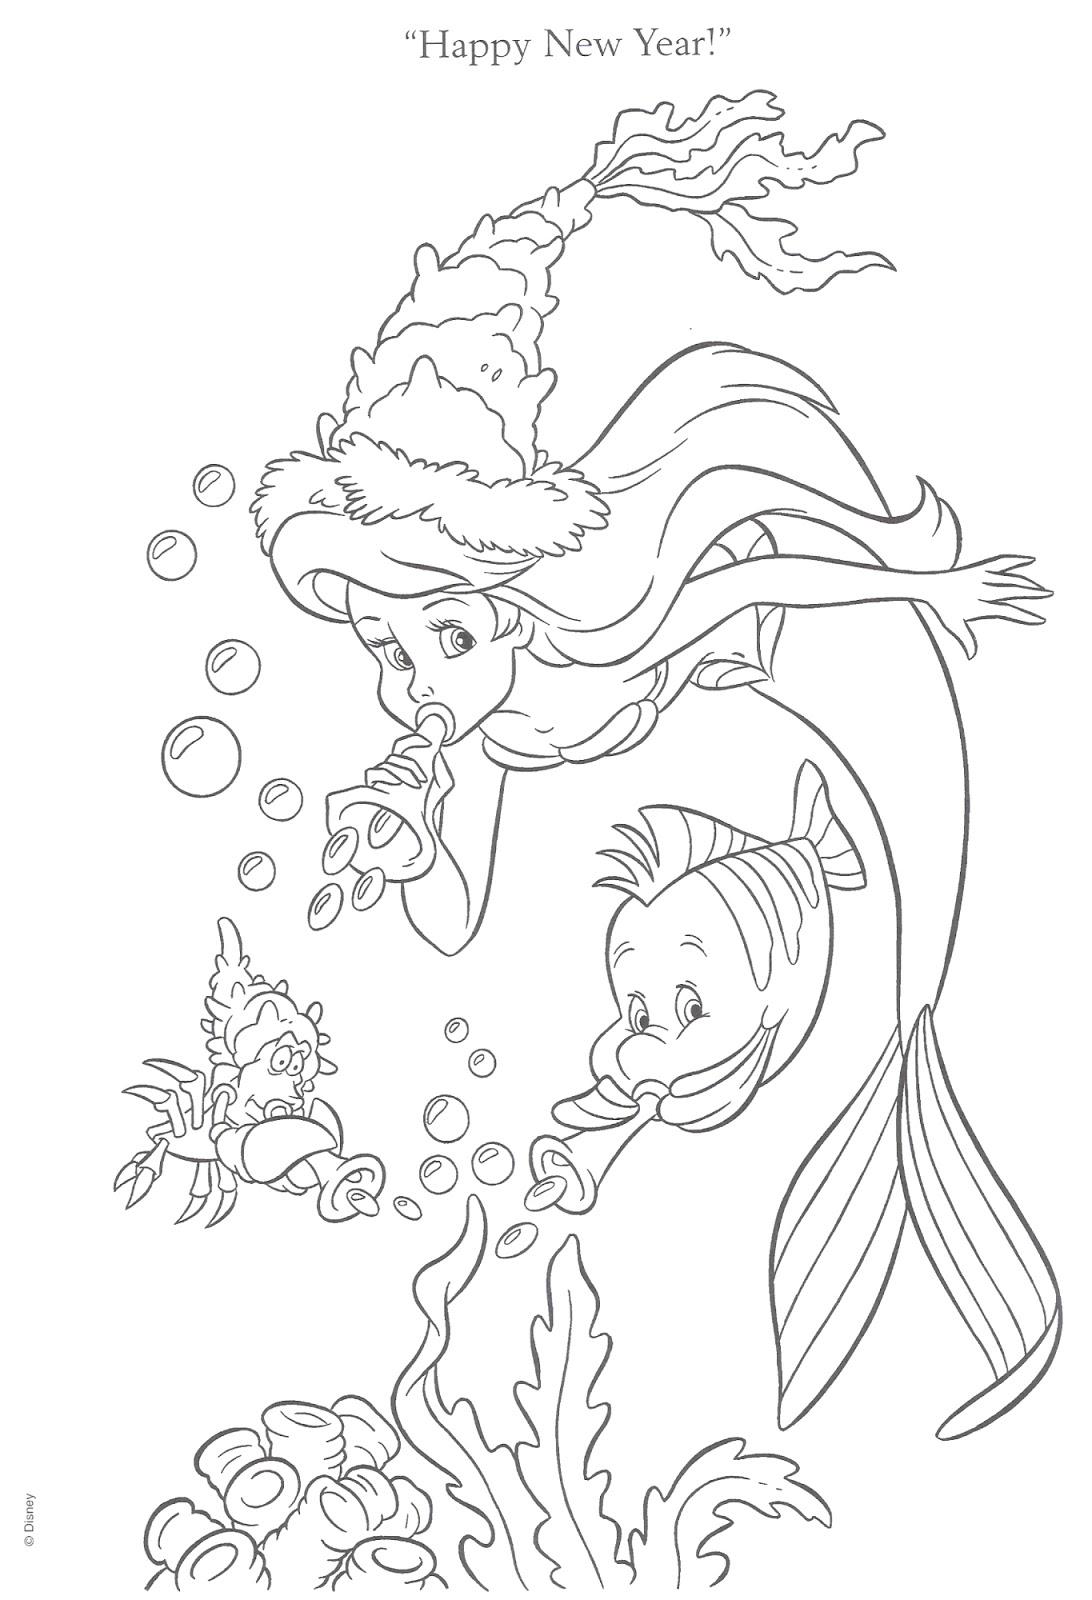 Imagenes Para Colorear De Disney Princesas